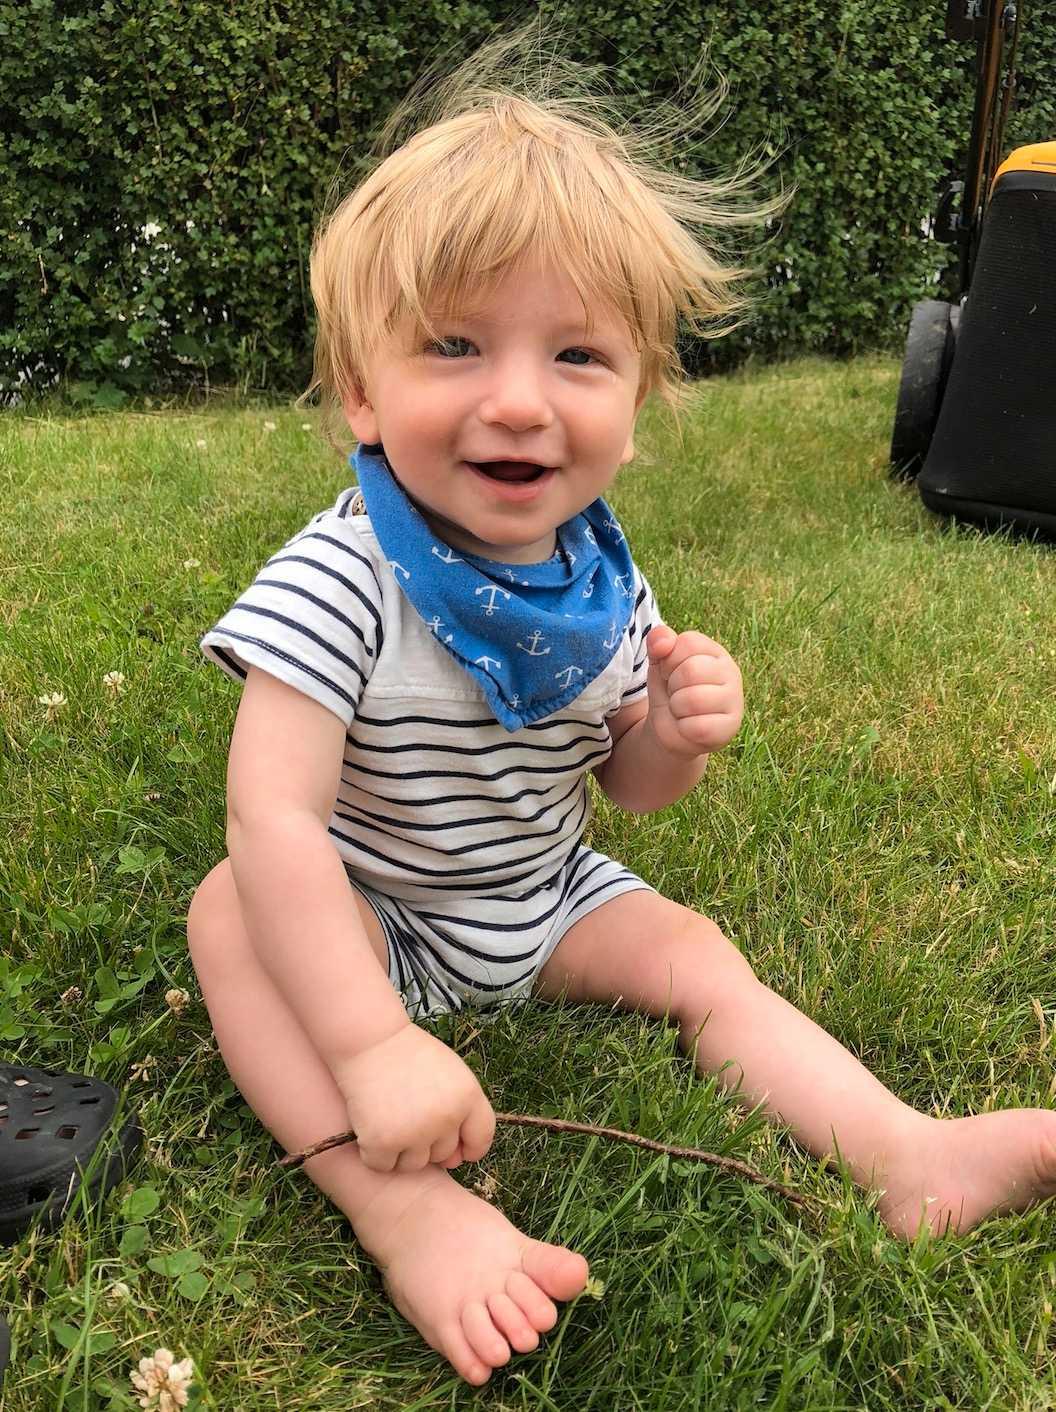 Matheius är 7,5 månad och han har en hel del hår. Bild inskickad av mamman Johanna Öjre Björklund från Trollhättan.